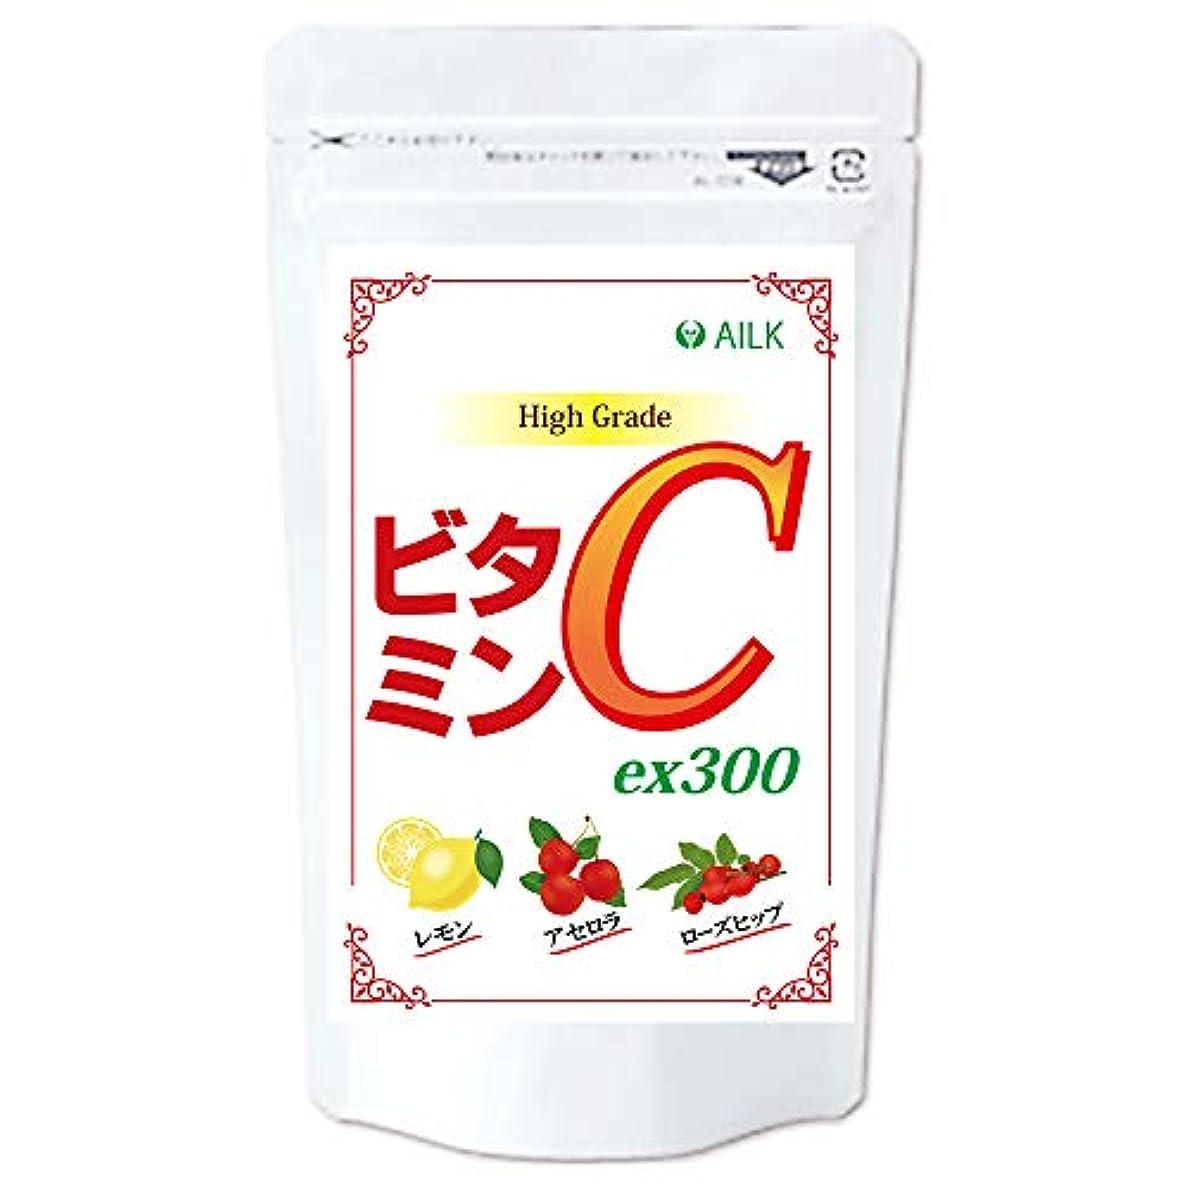 盲信電信外国人高品質ビタミンc AILK 高濃度おいしい天然ビタミンc 約1.5か月分アスコルビン酸不使用 アセロラ ローズヒップ レモン VCサプリメント タブレット 110粒 約2か月分